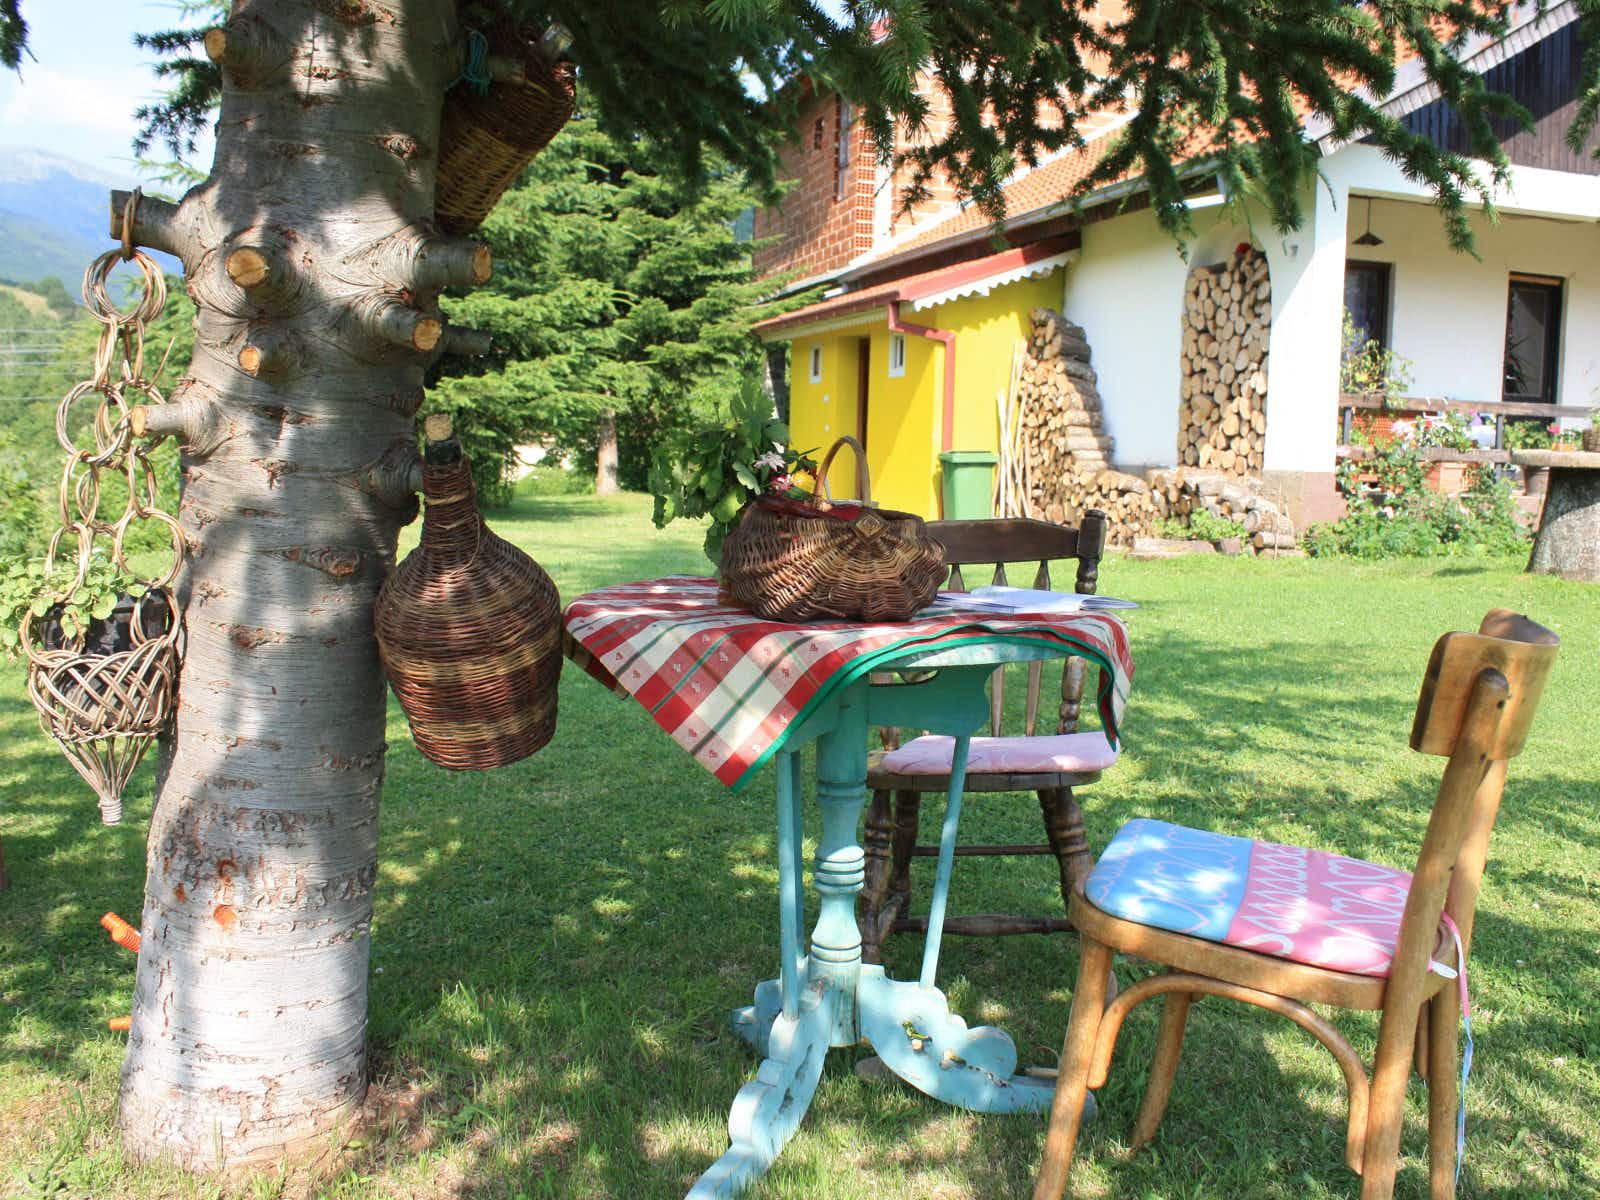 Vila Raskrsnica in the village of Brajcino © Lorna Parkes / Lonely Planet